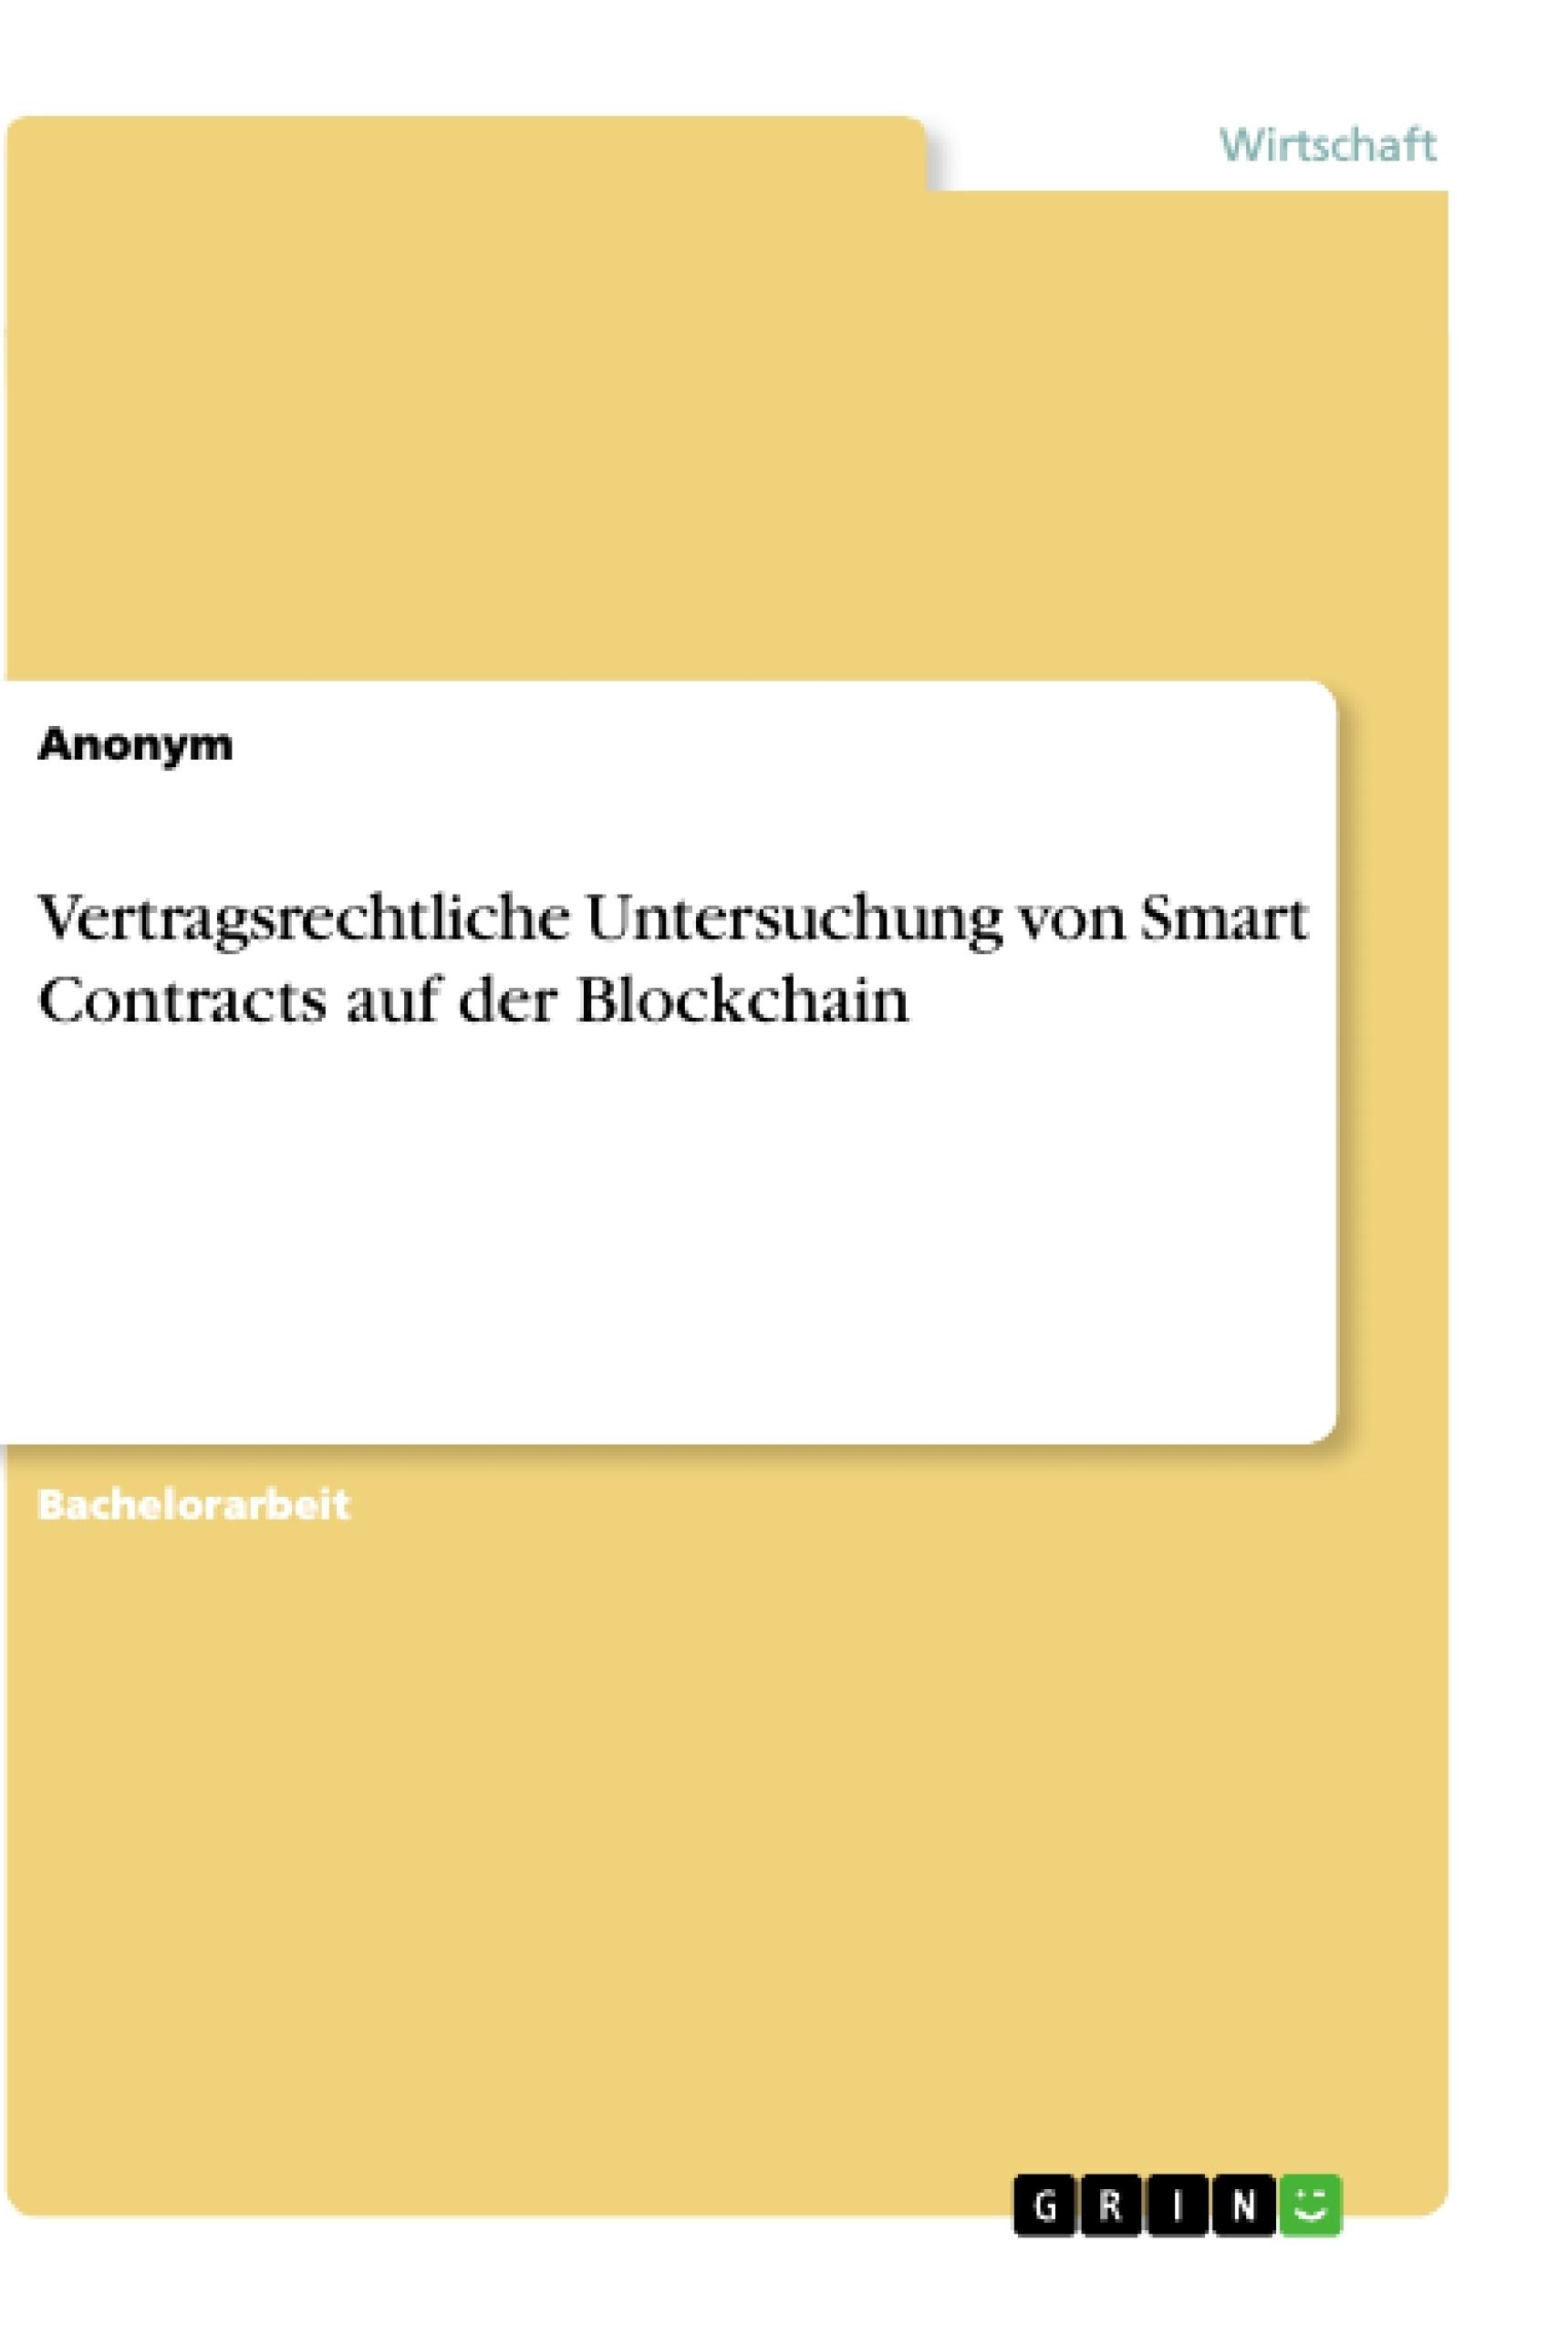 Titel: Vertragsrechtliche Untersuchung von Smart Contracts auf der Blockchain